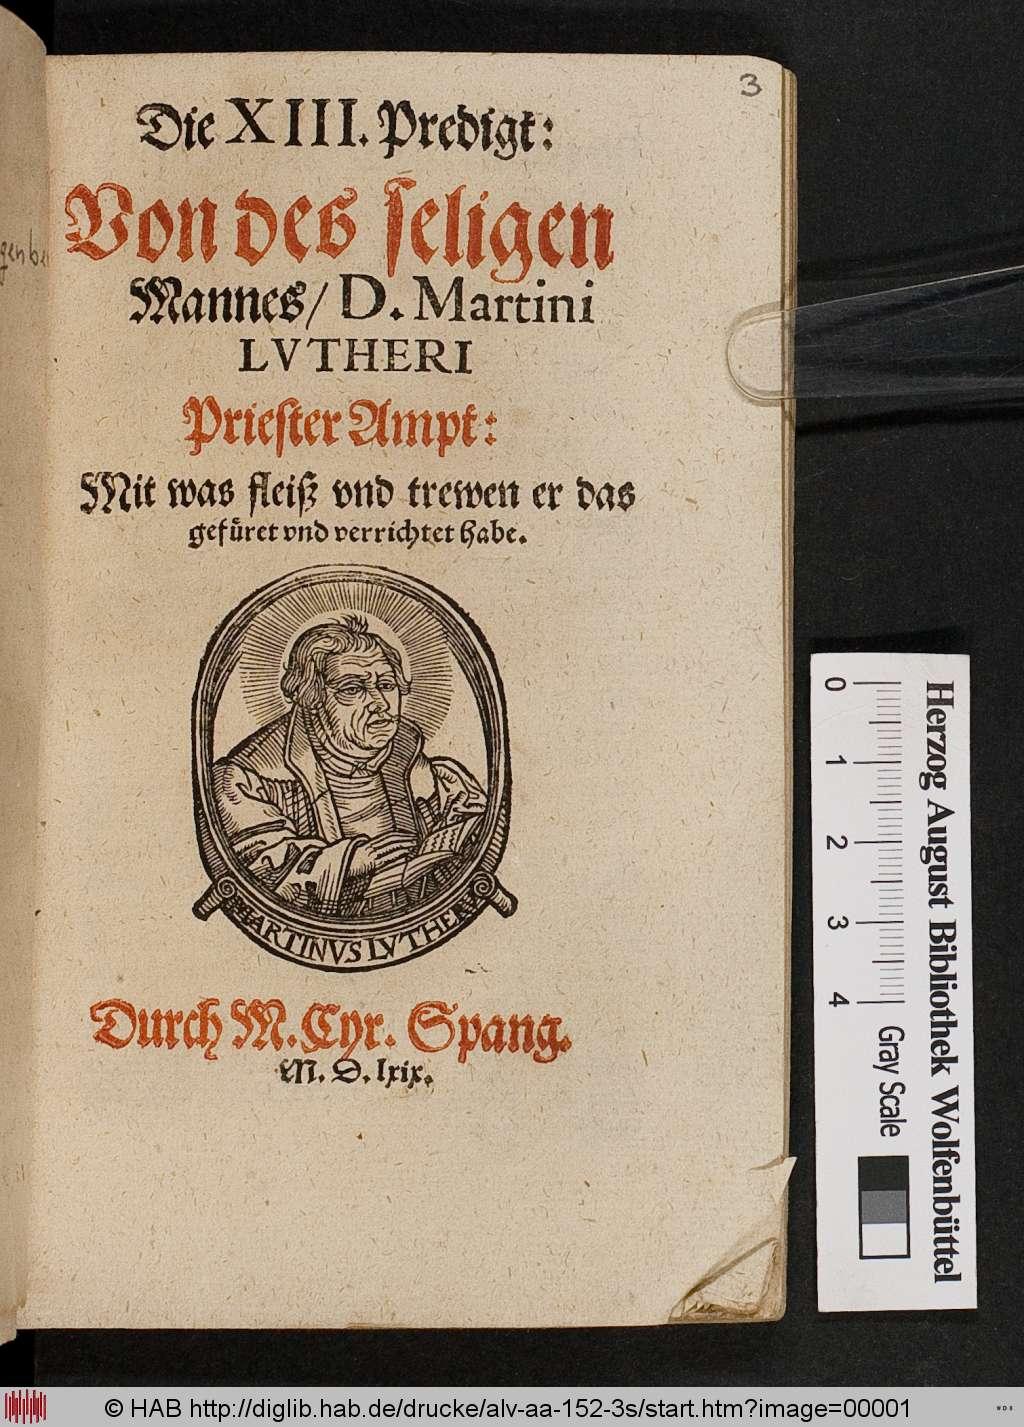 http://diglib.hab.de/drucke/alv-aa-152-3s/00001.jpg